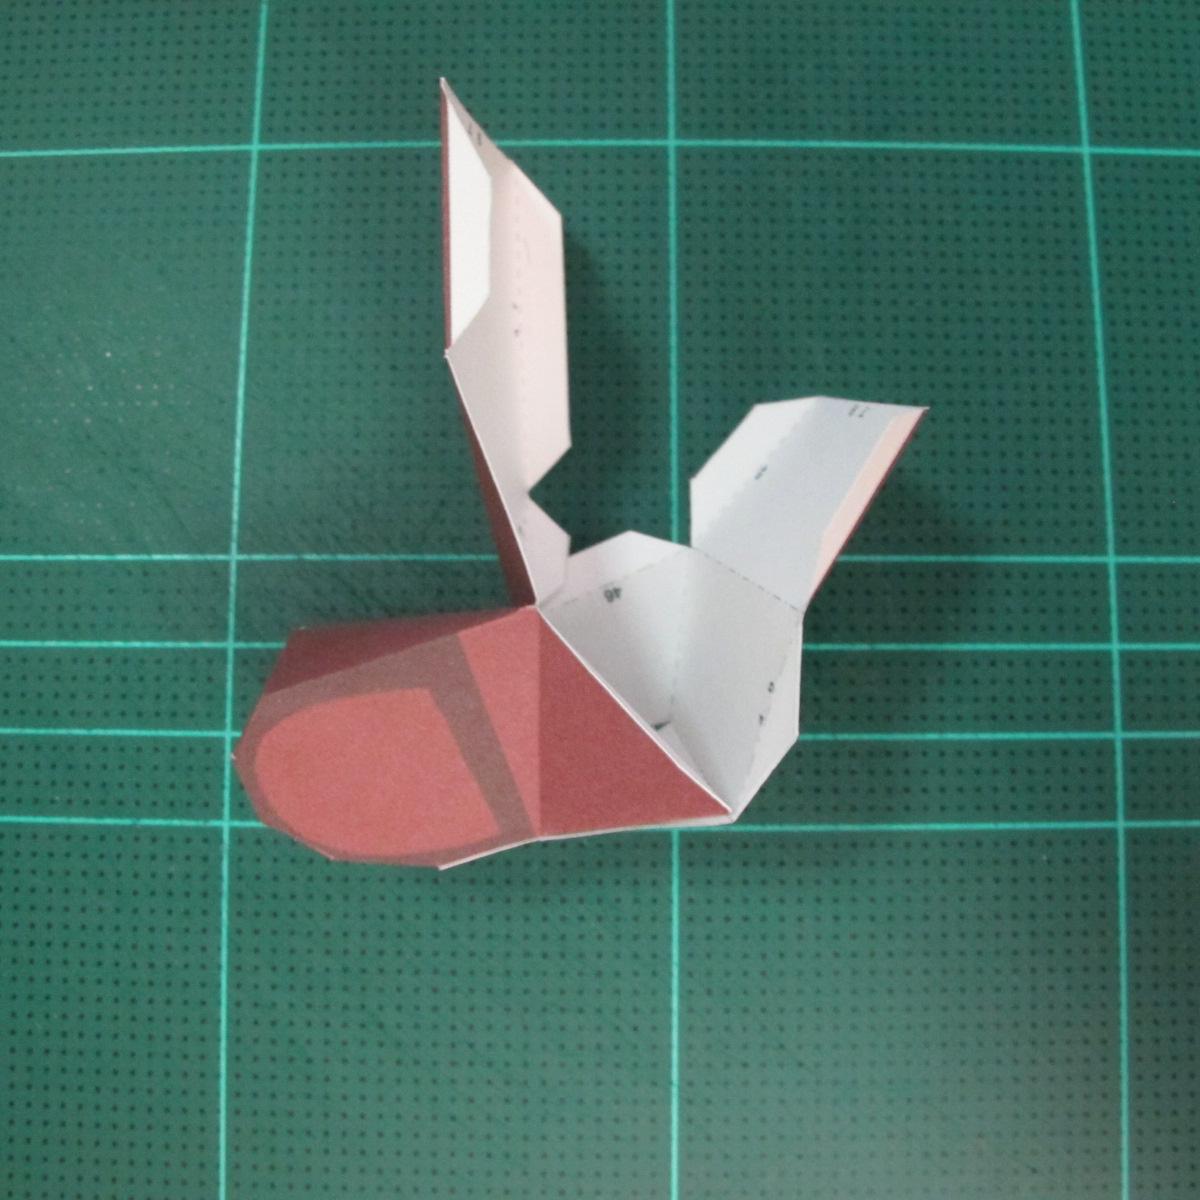 วิธีทำโมเดลกระดาษตุ้กตาคุกกี้รัน คุกกี้รสฮีโร่ (LINE Cookie Run Hero Cookie Papercraft Model) 013